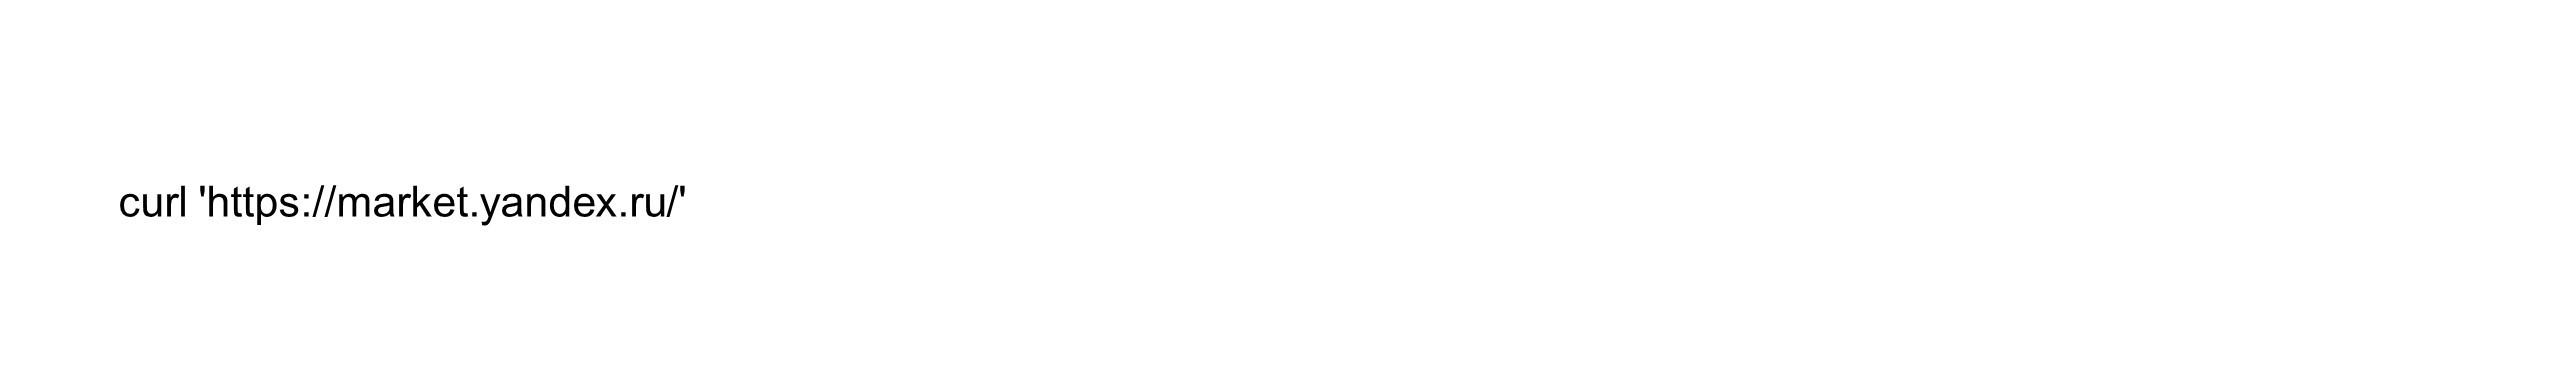 Логирование и трассировка запросов — лучшие практики. Доклад Яндекса - 10